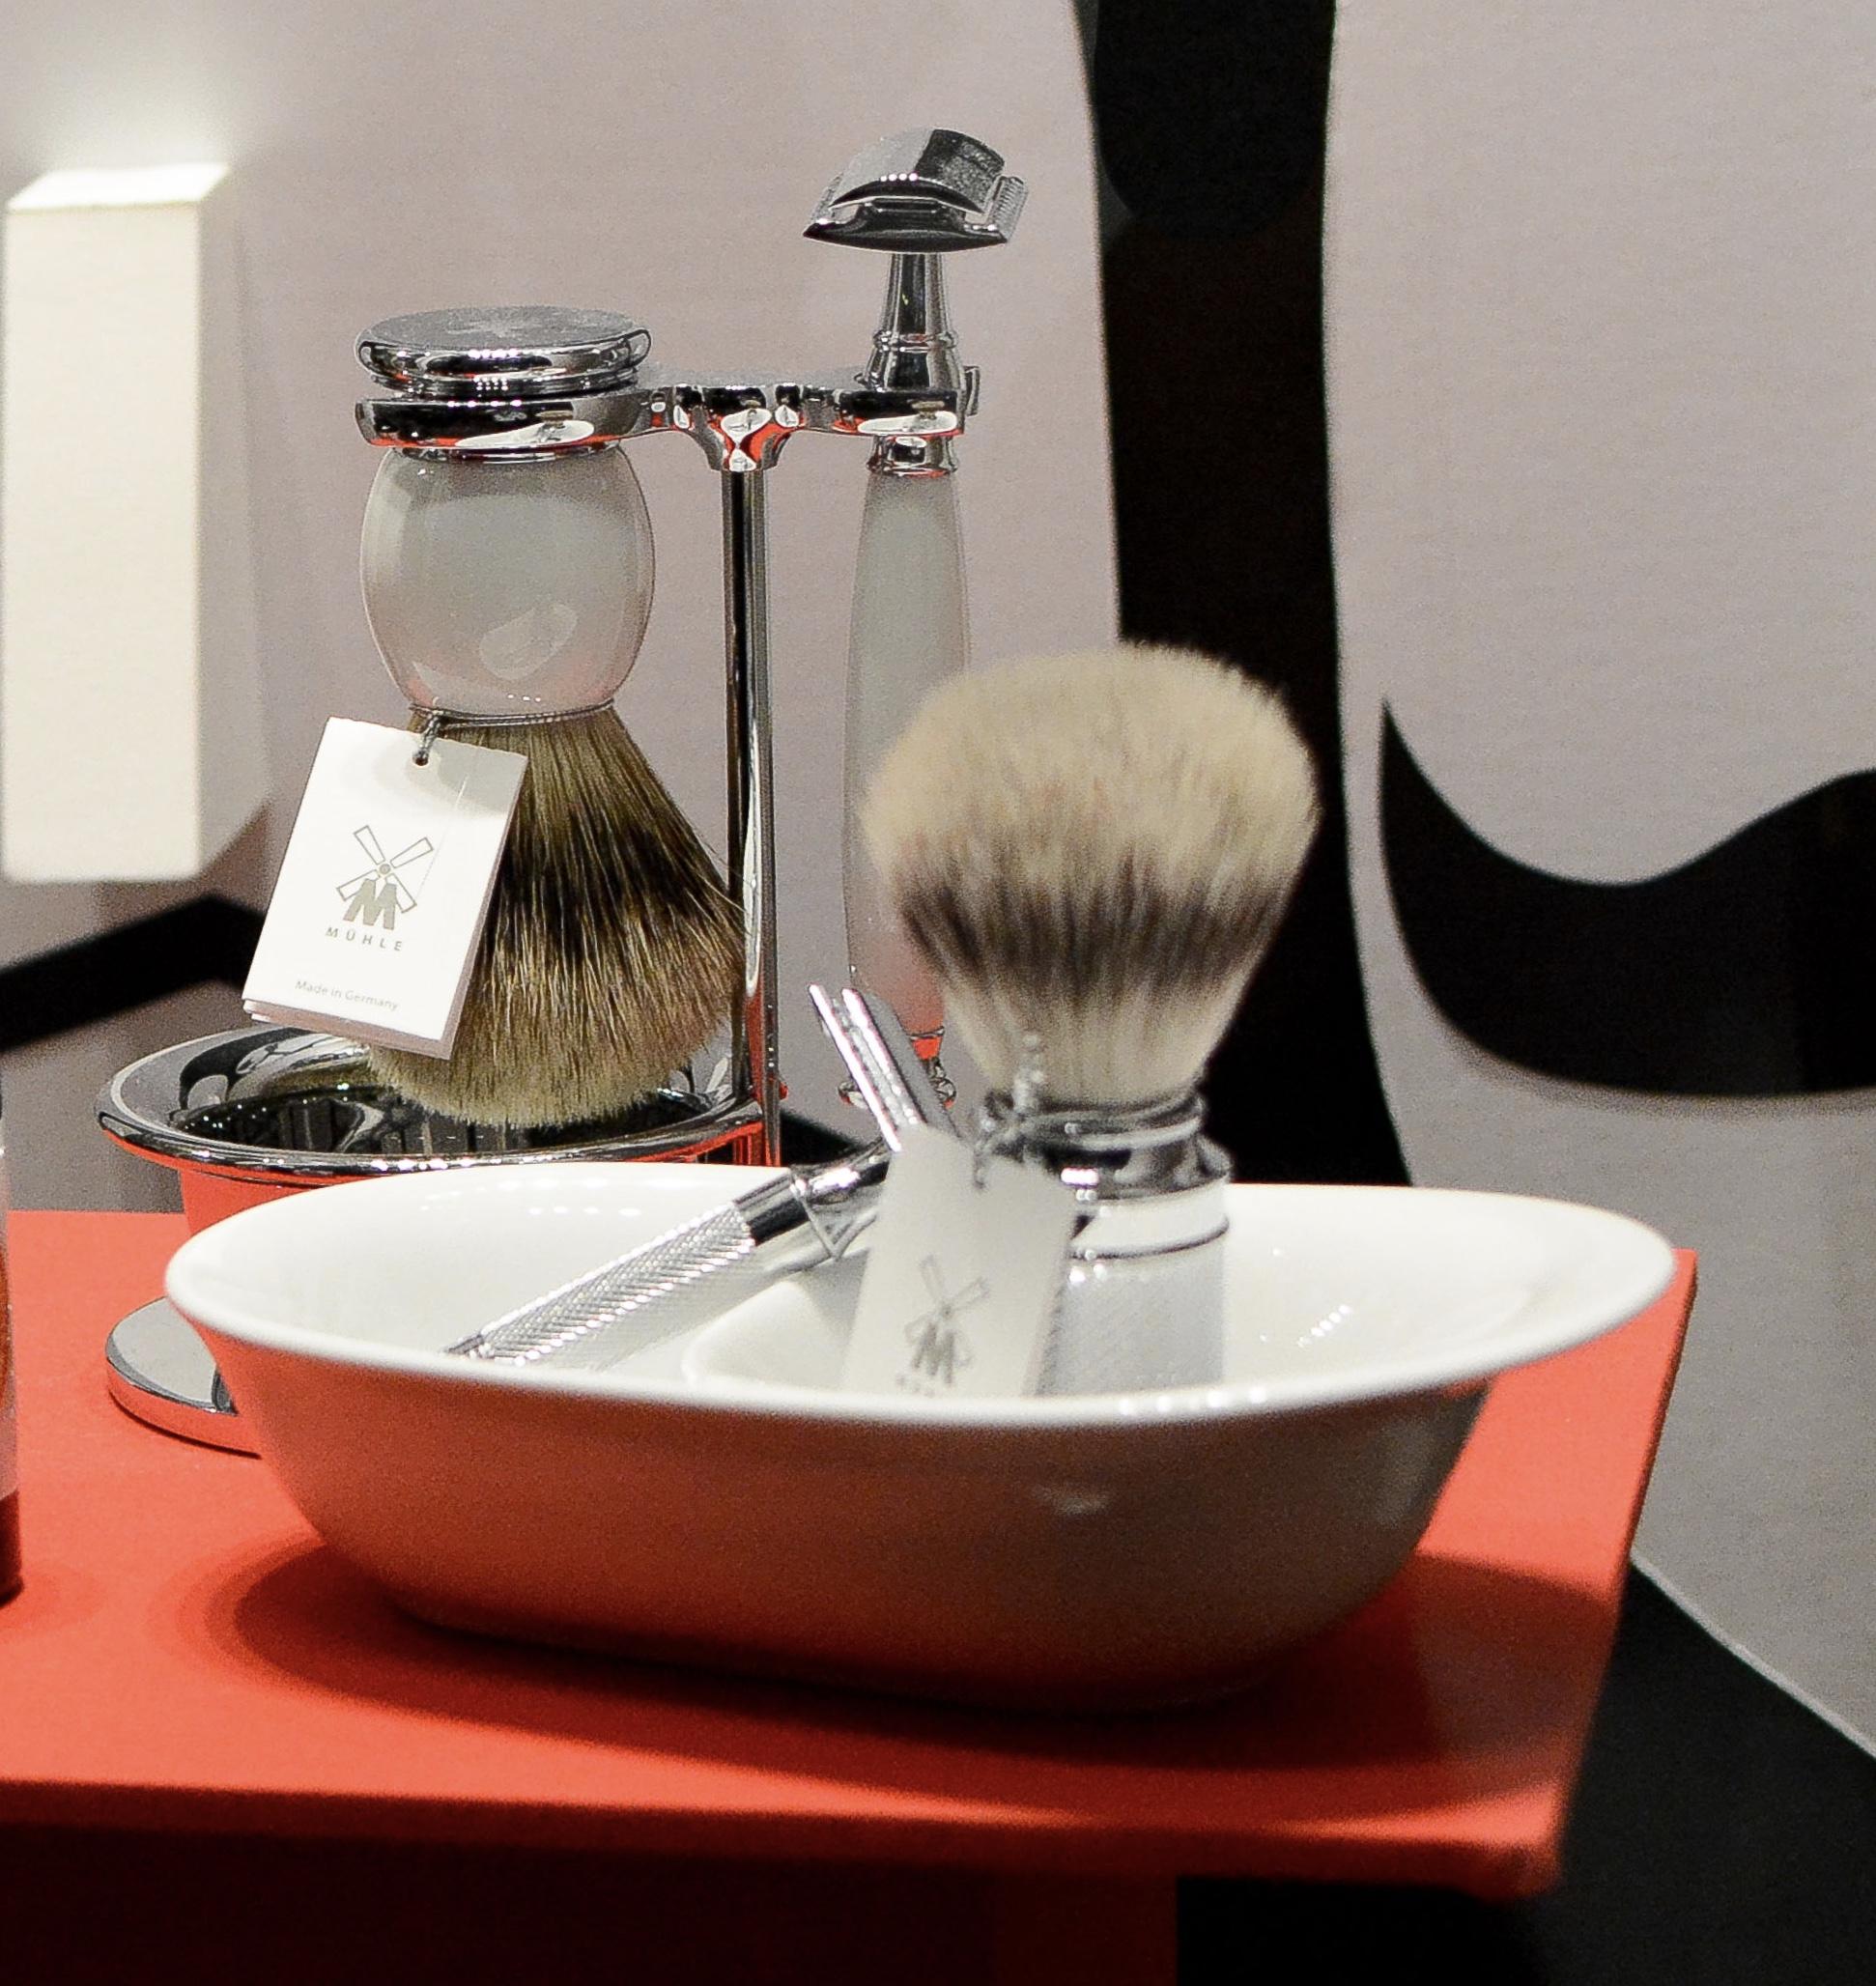 Cómo cuidar una brocha de afeitado clásico